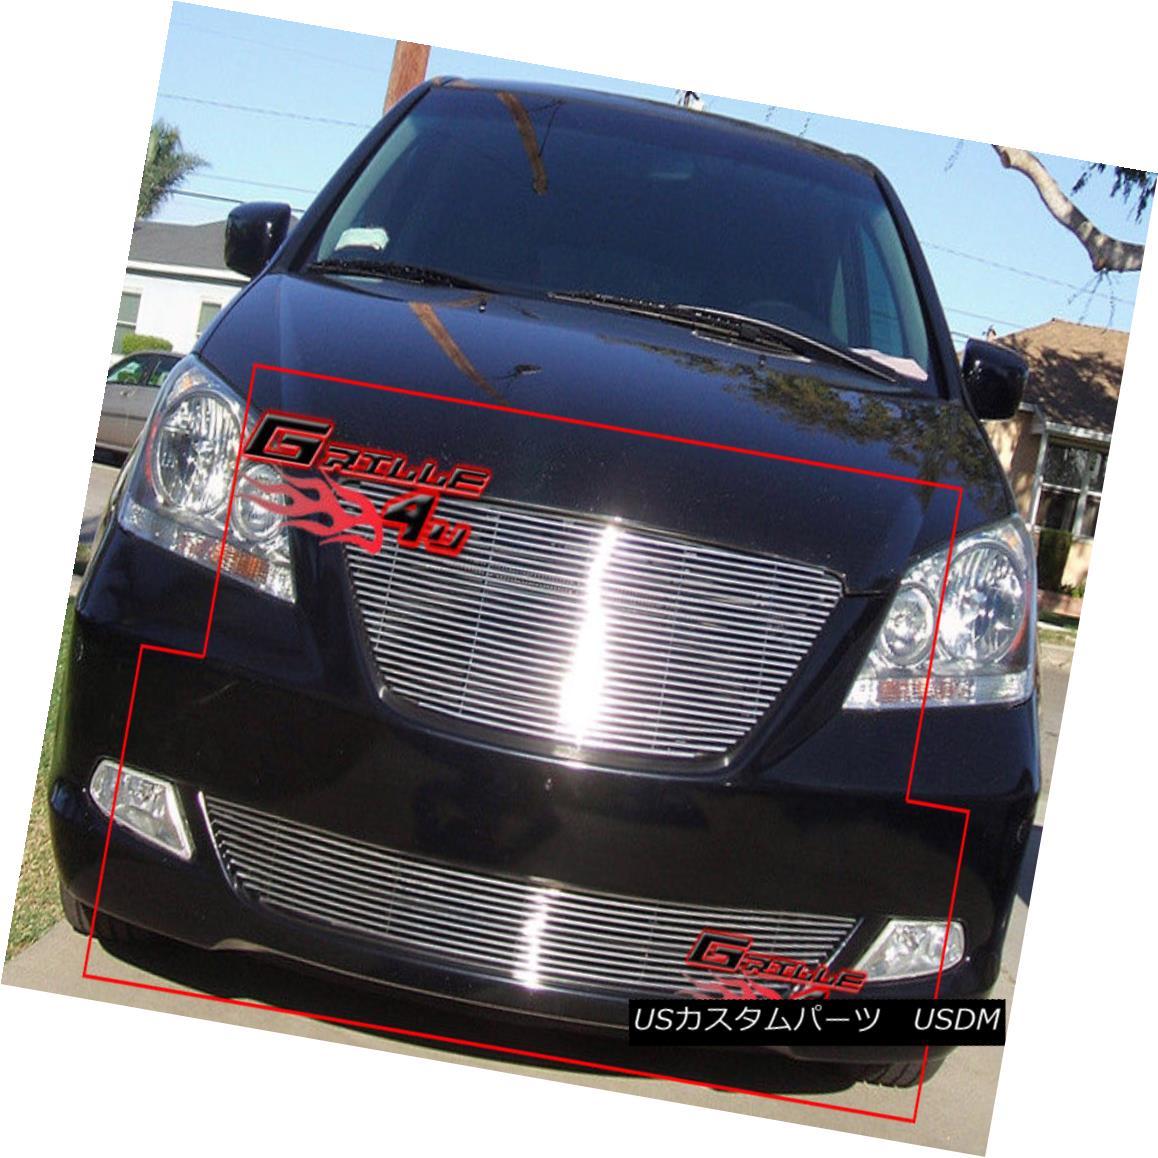 グリル For 05-07 Honda Odyssey Billet Grille Combo Insert 05-07ホンダオデッセイビレットグリルコンボインサート